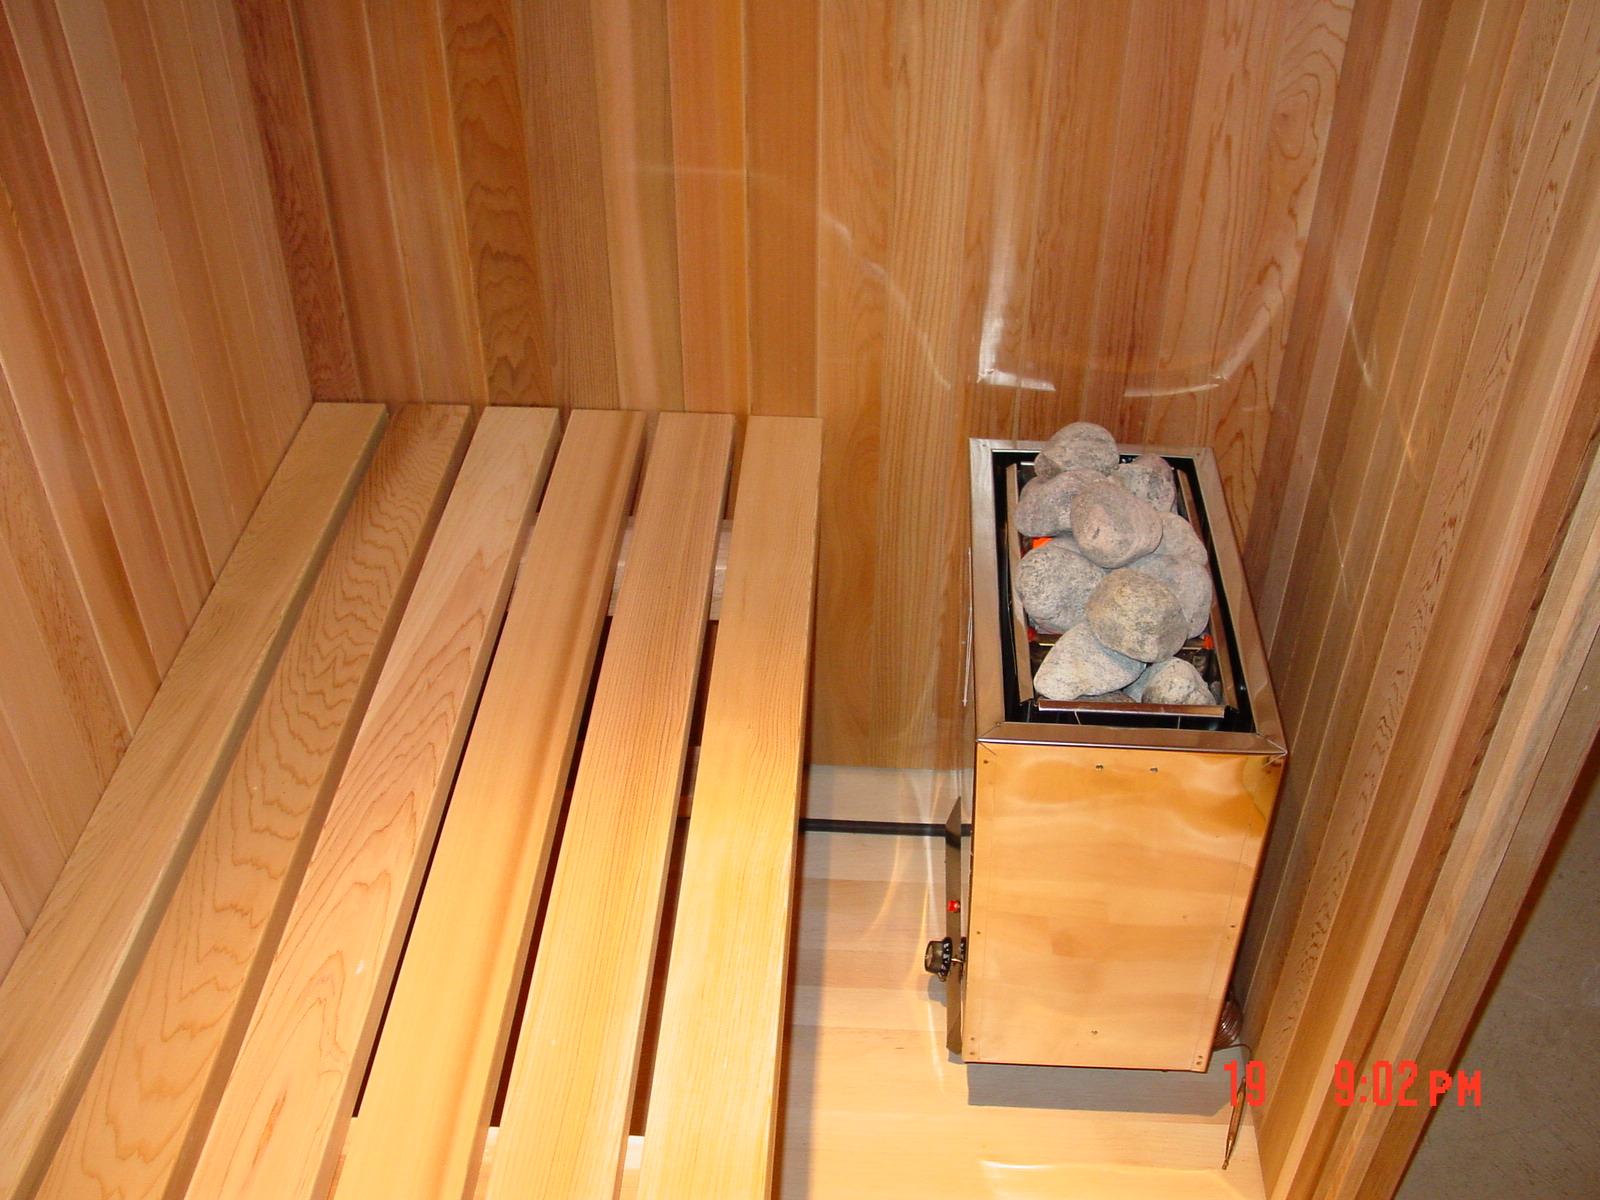 Portable Conventional Sauna Dreamsauna Dreamsauna